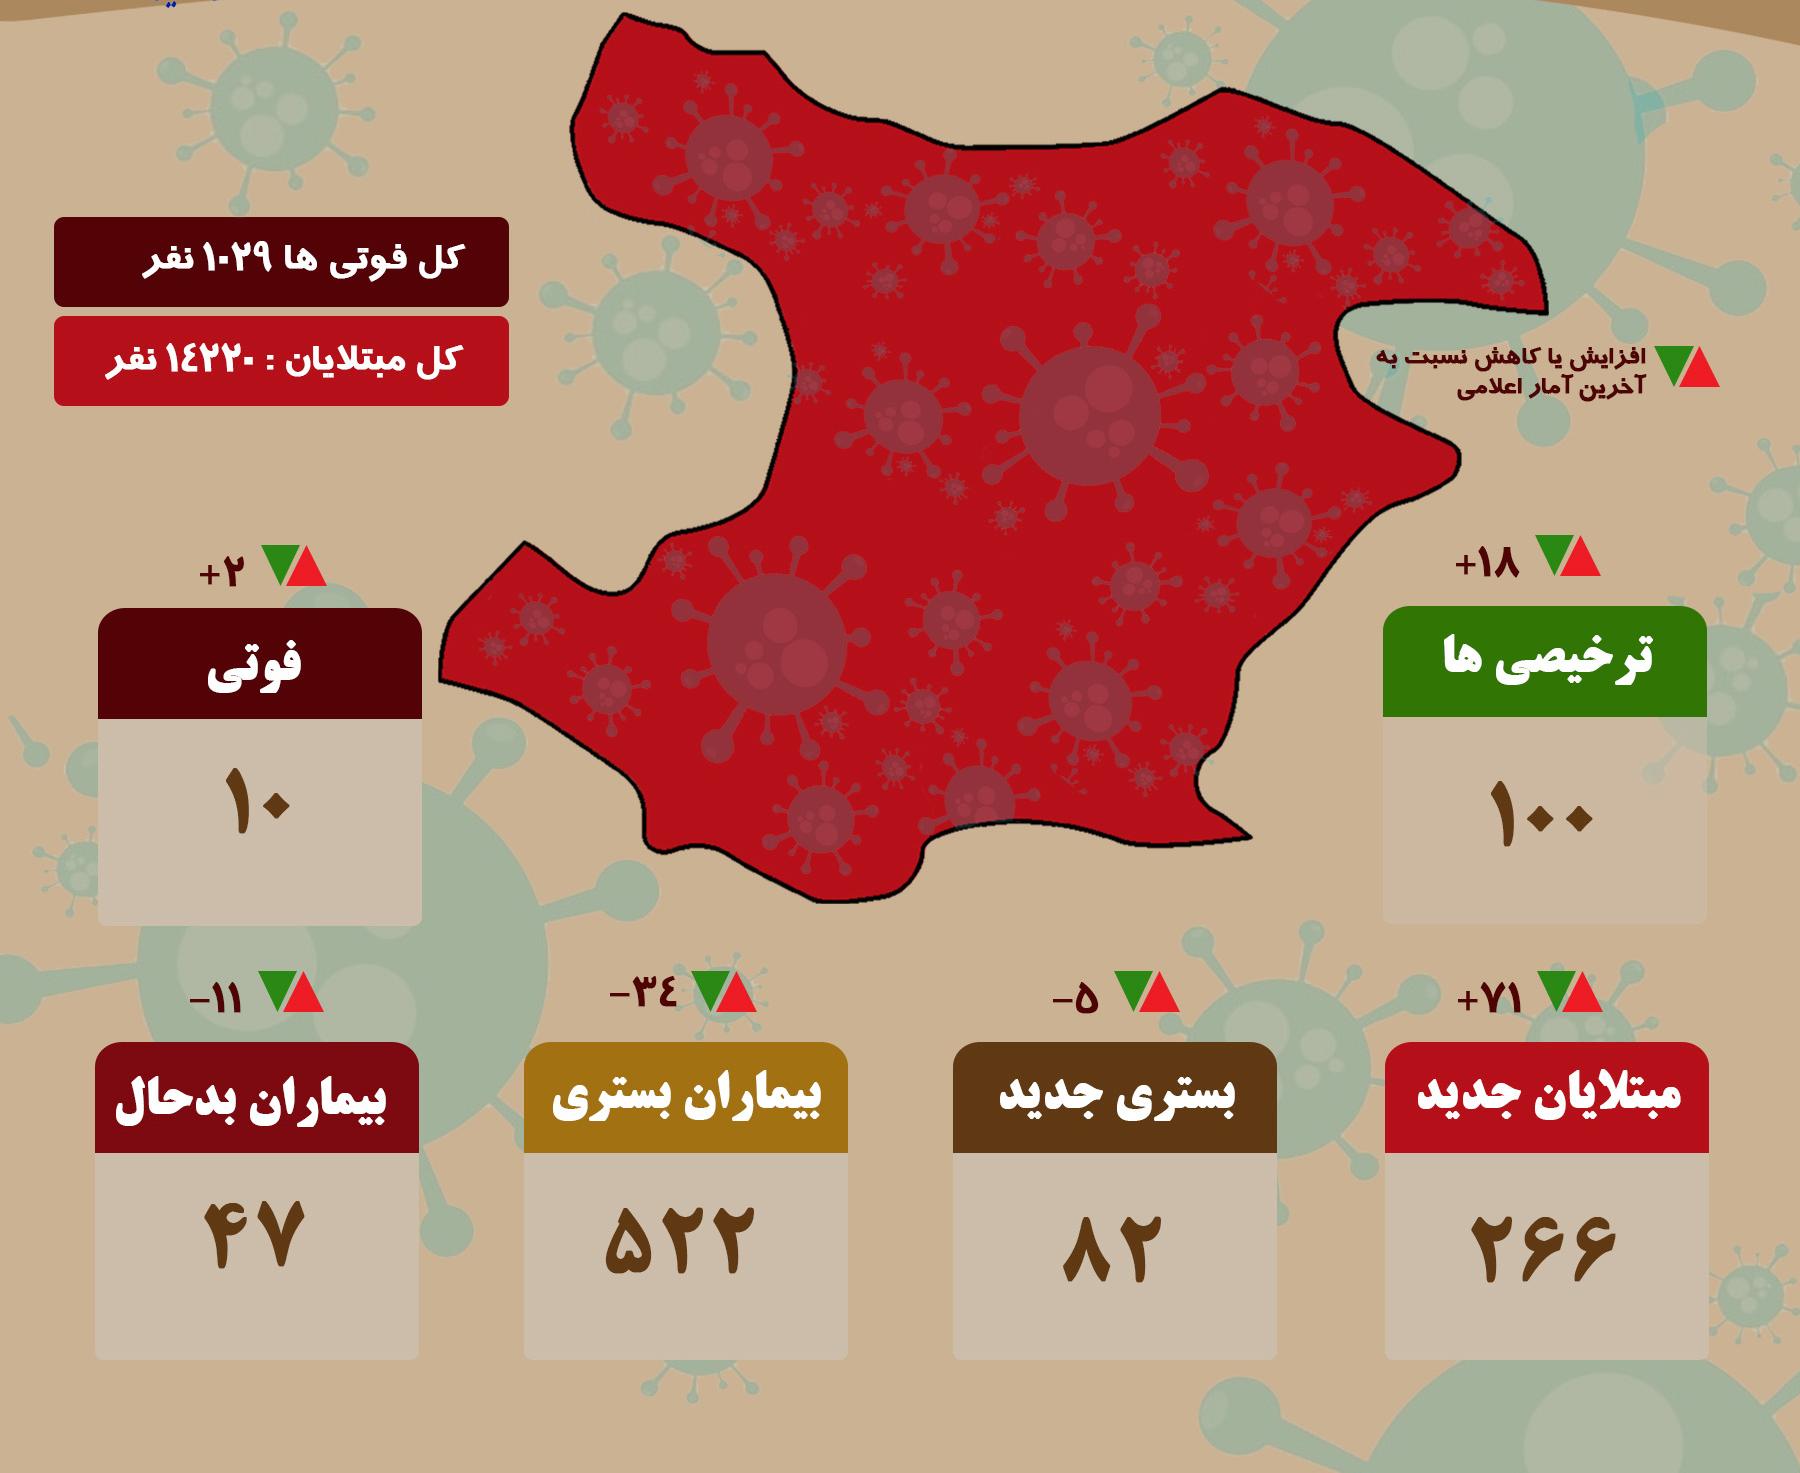 آخرین آمار کرونا در قزوین/ ۱۰ فوتی و ۲۶۶ بیمار جدید